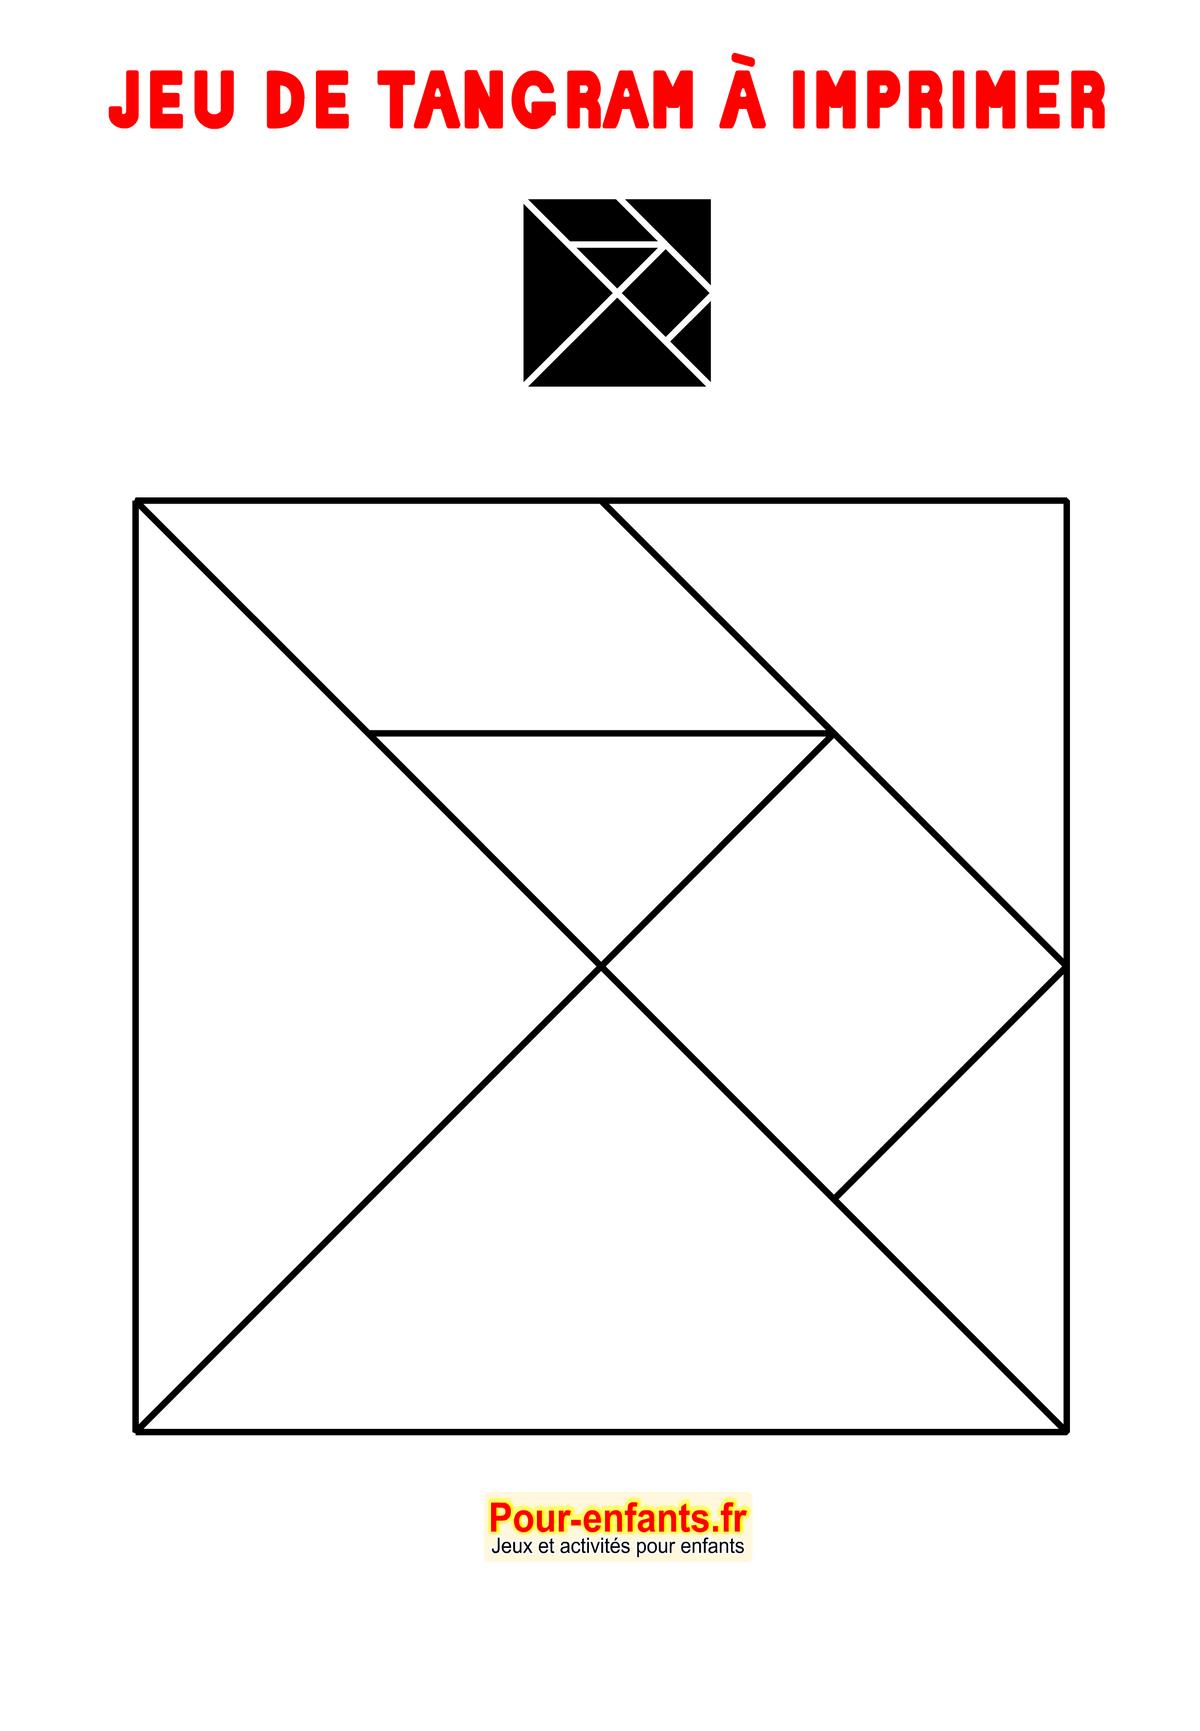 Tangram À Imprimer Maternelle Gratuit Jeux Tangrams intérieur Modèle Tangram À Imprimer